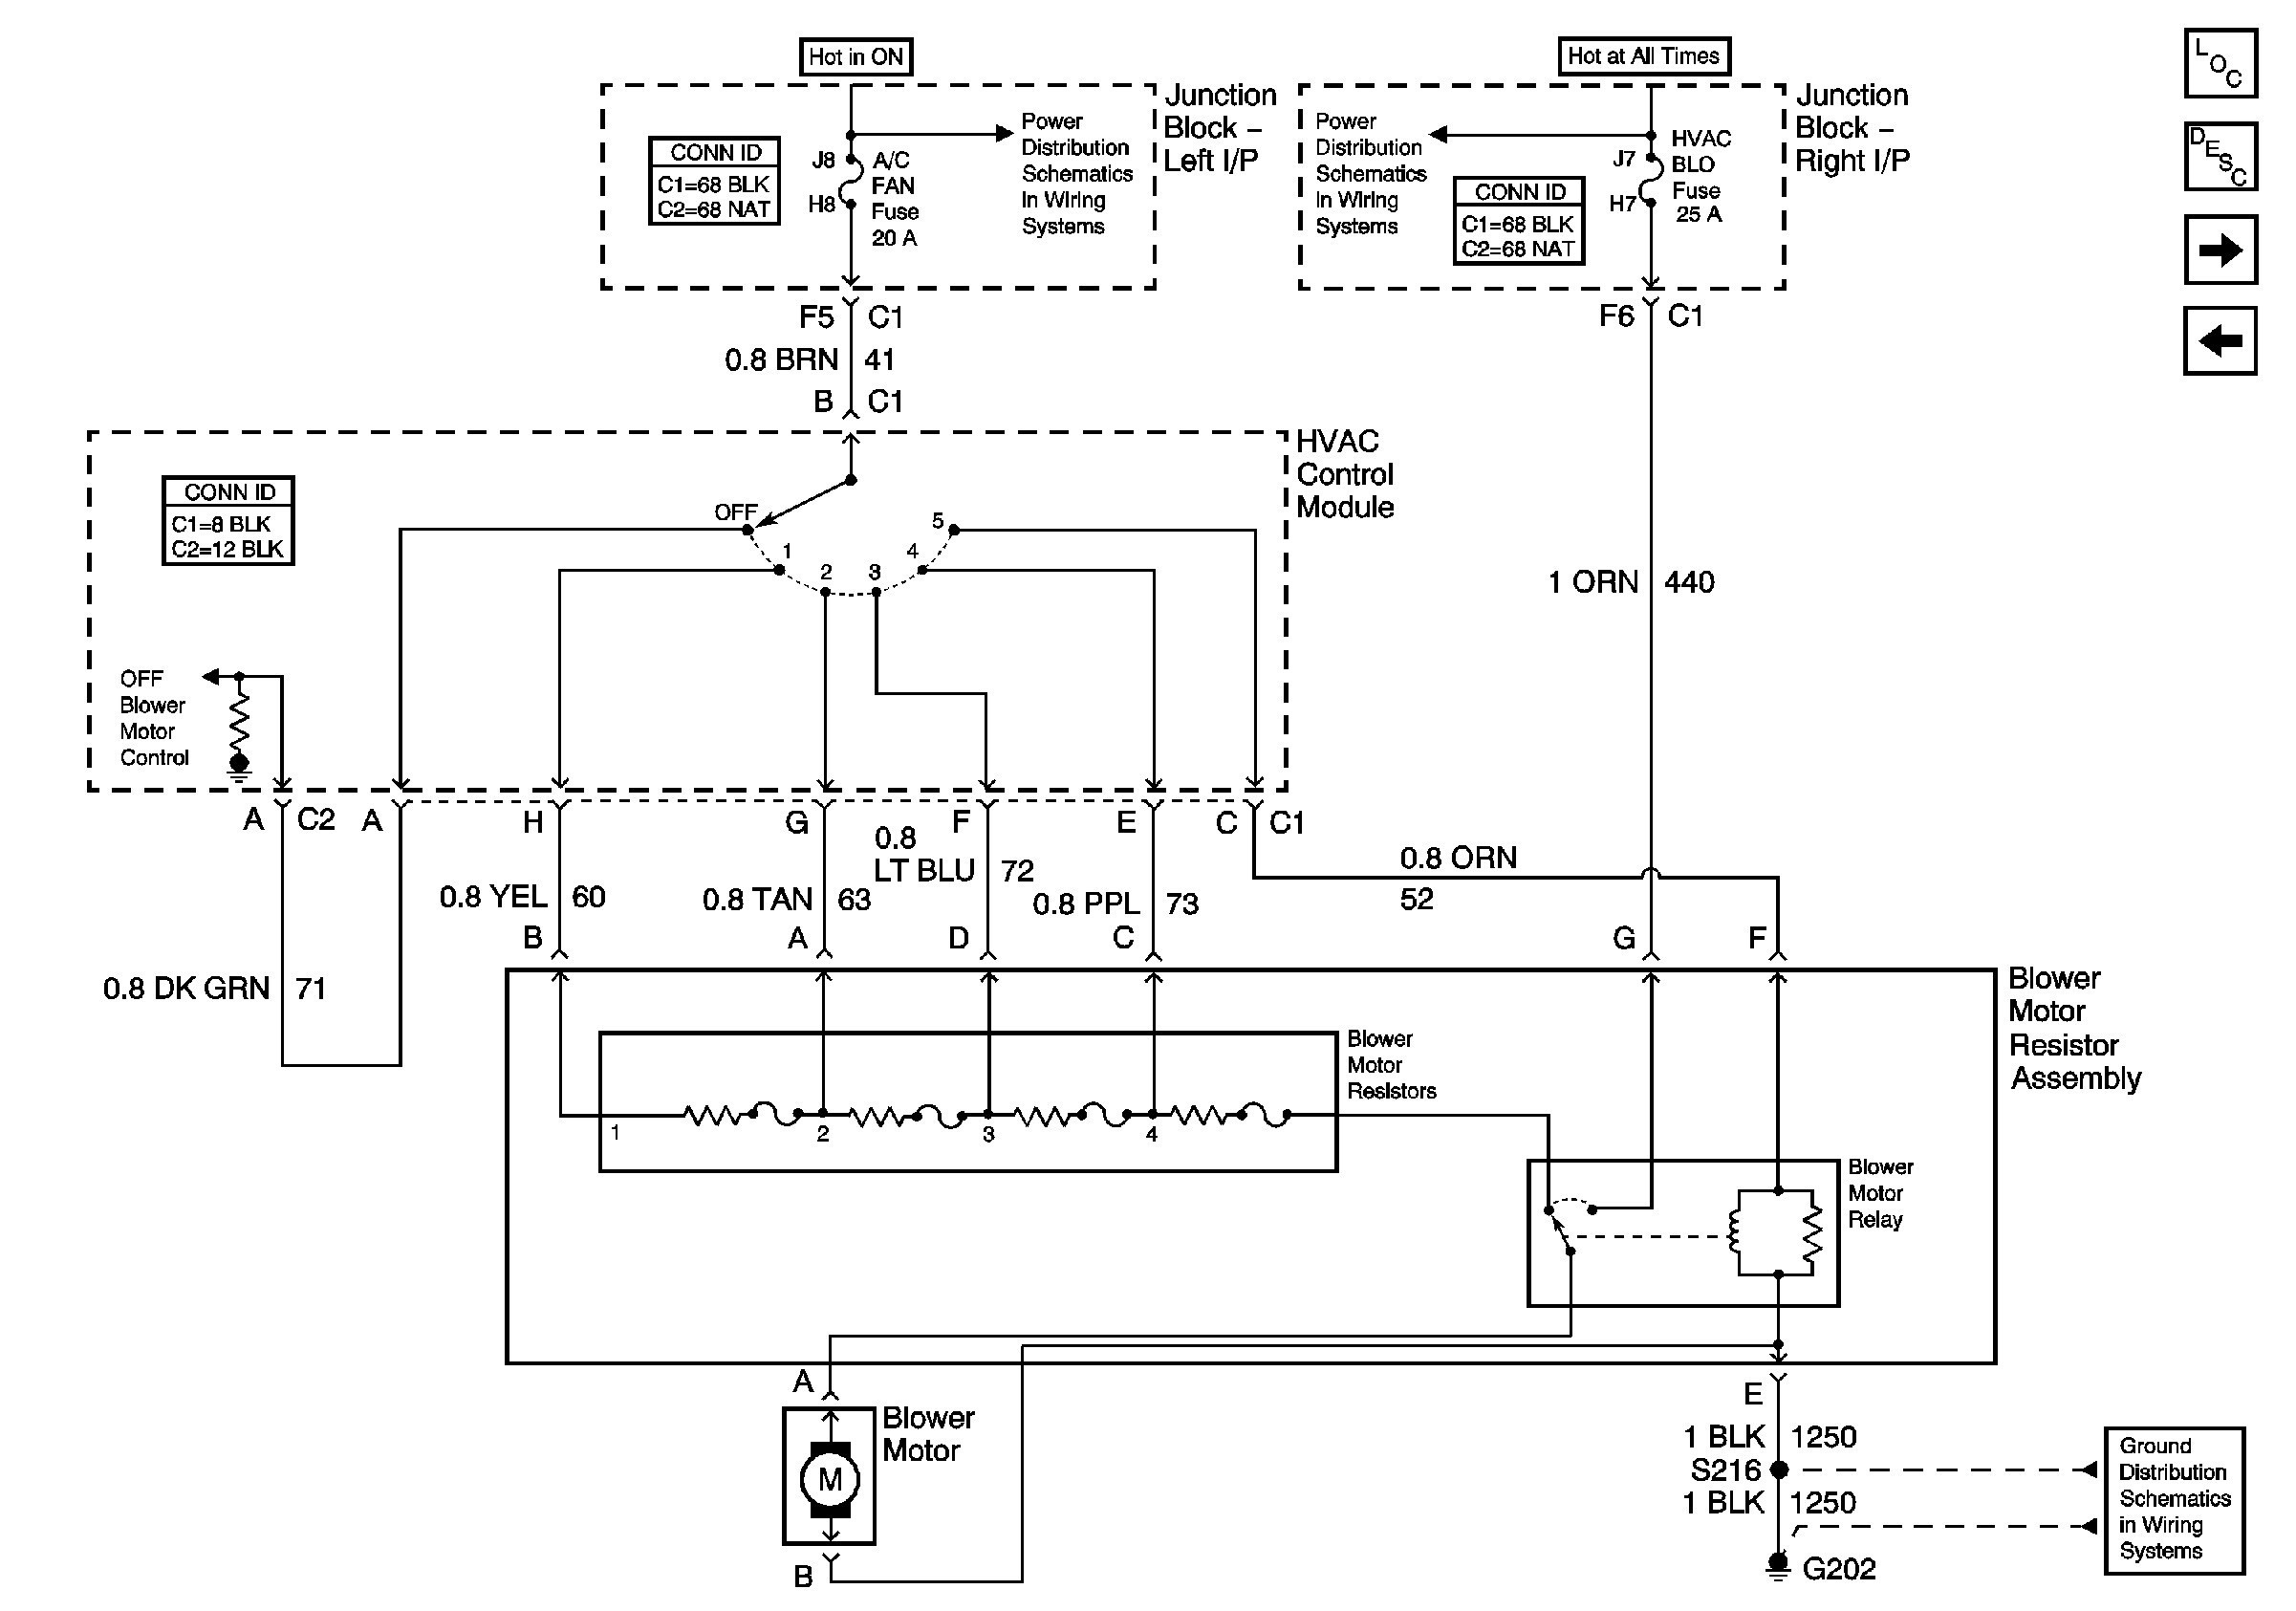 2005 Kia Sorento Engine Diagram 2008 Bmw 328i 07 Suburban Blower Motor Wiring Data Of